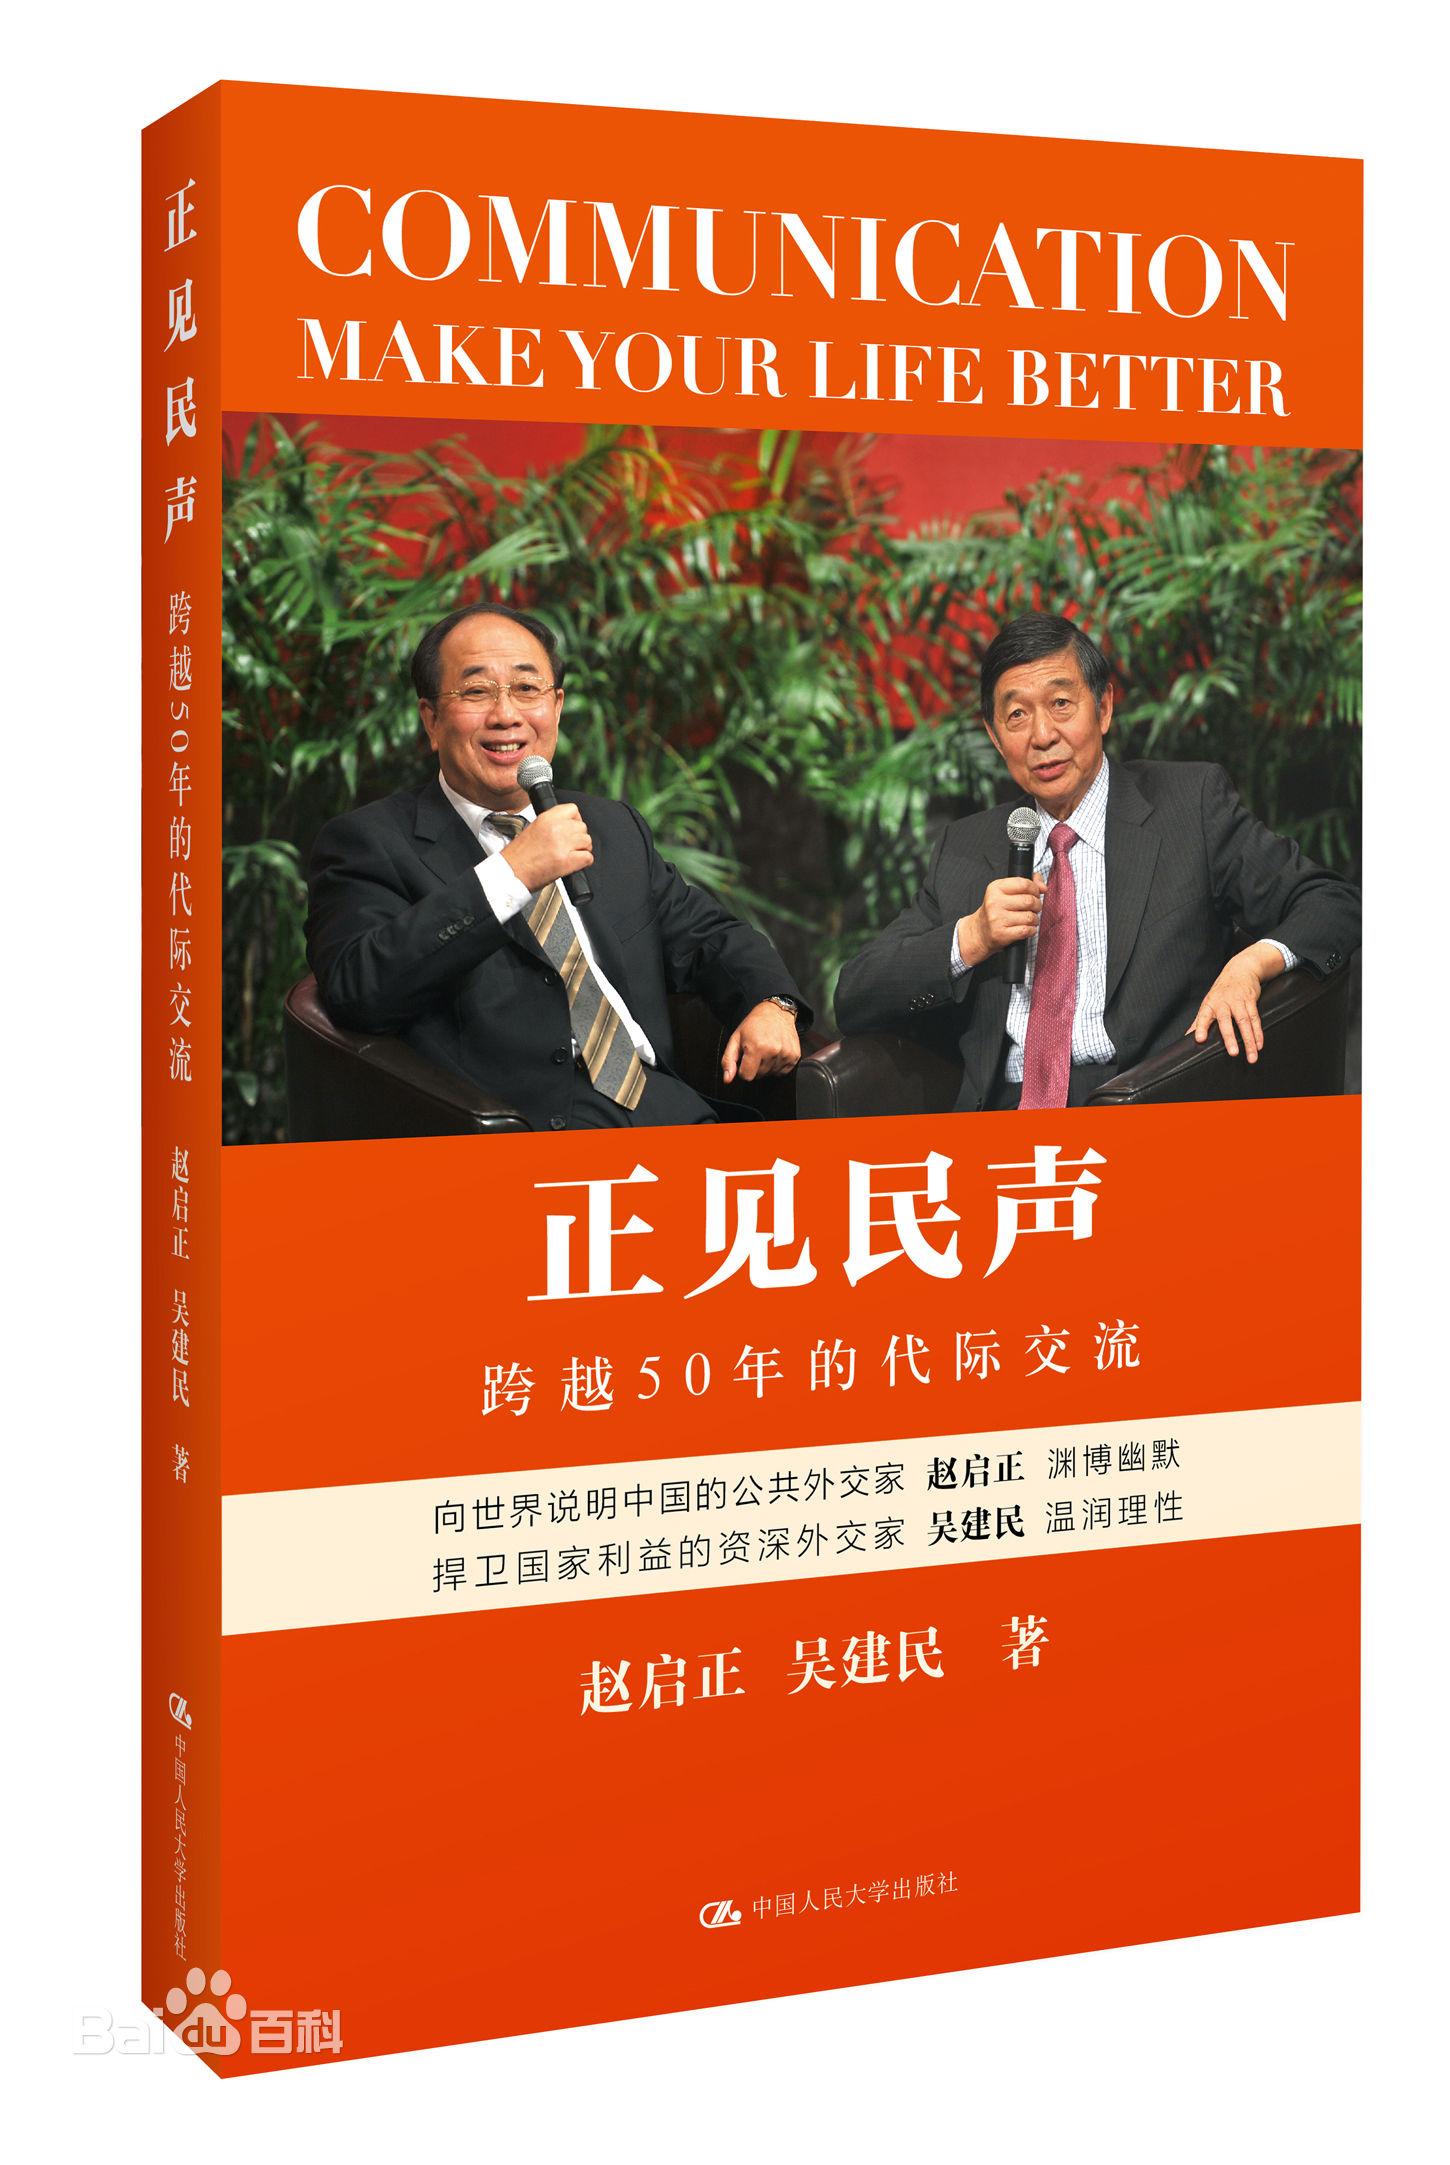 中国の話題図書である《正見民声》日本語版『若者たちへ贈るコミニュケーション術』、日本僑報社から刊行へ_d0027795_10324695.jpg